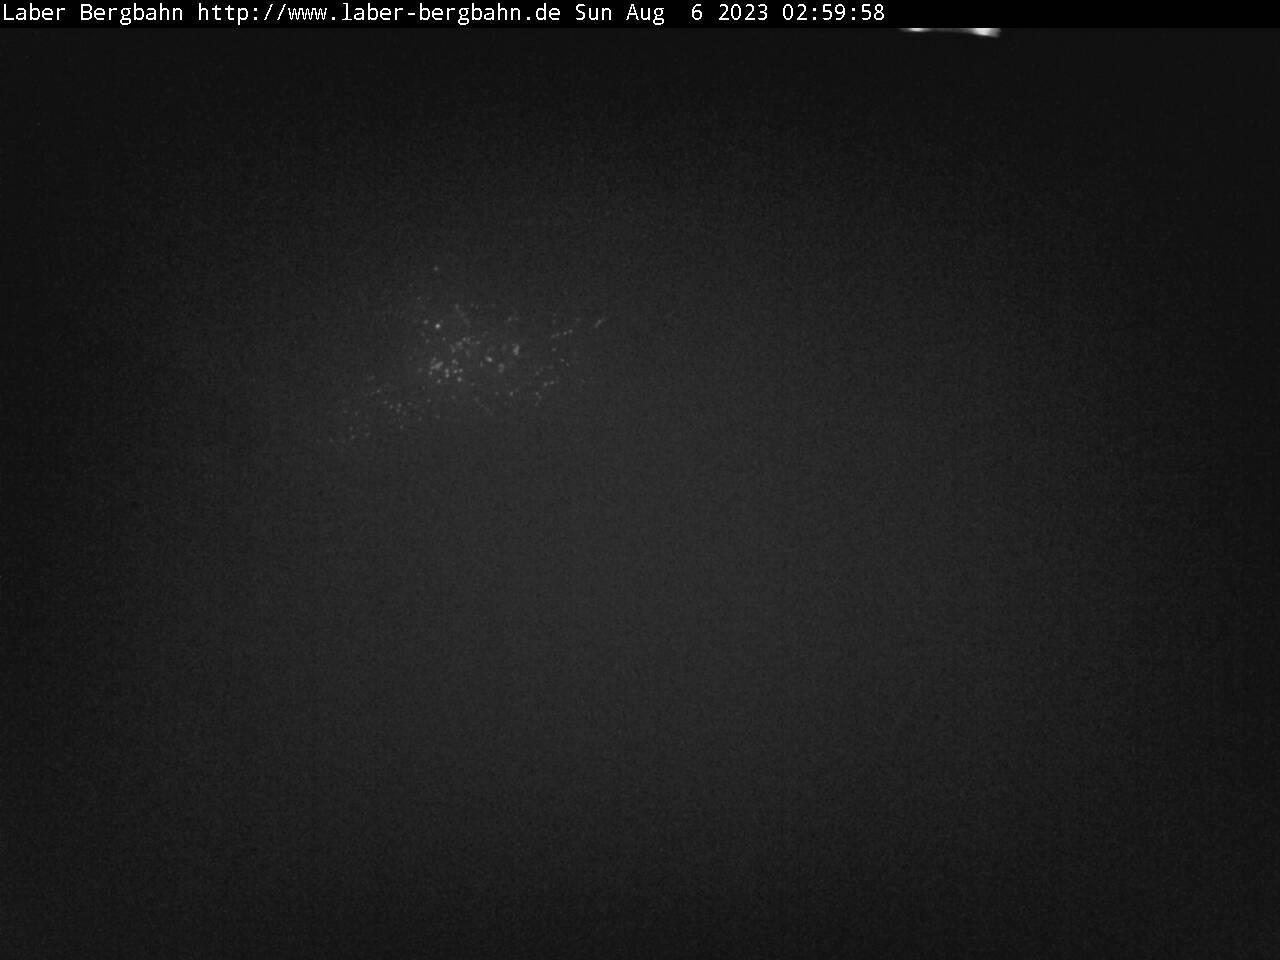 Webcam Skigebiet Oberammergau - Laber nach Norden - Oberbayern